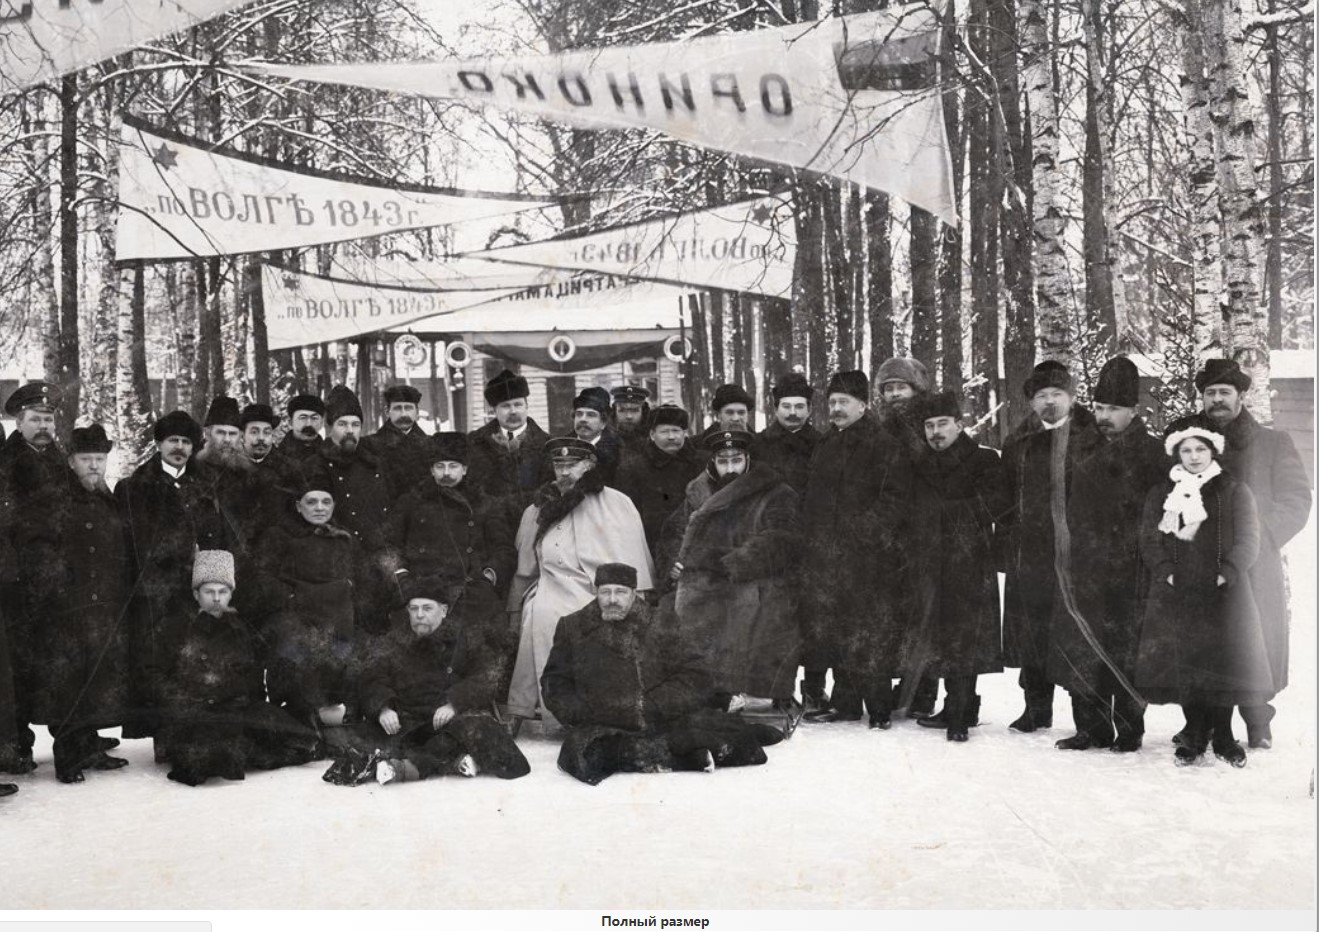 1900. Группа представителей общества «Волга»